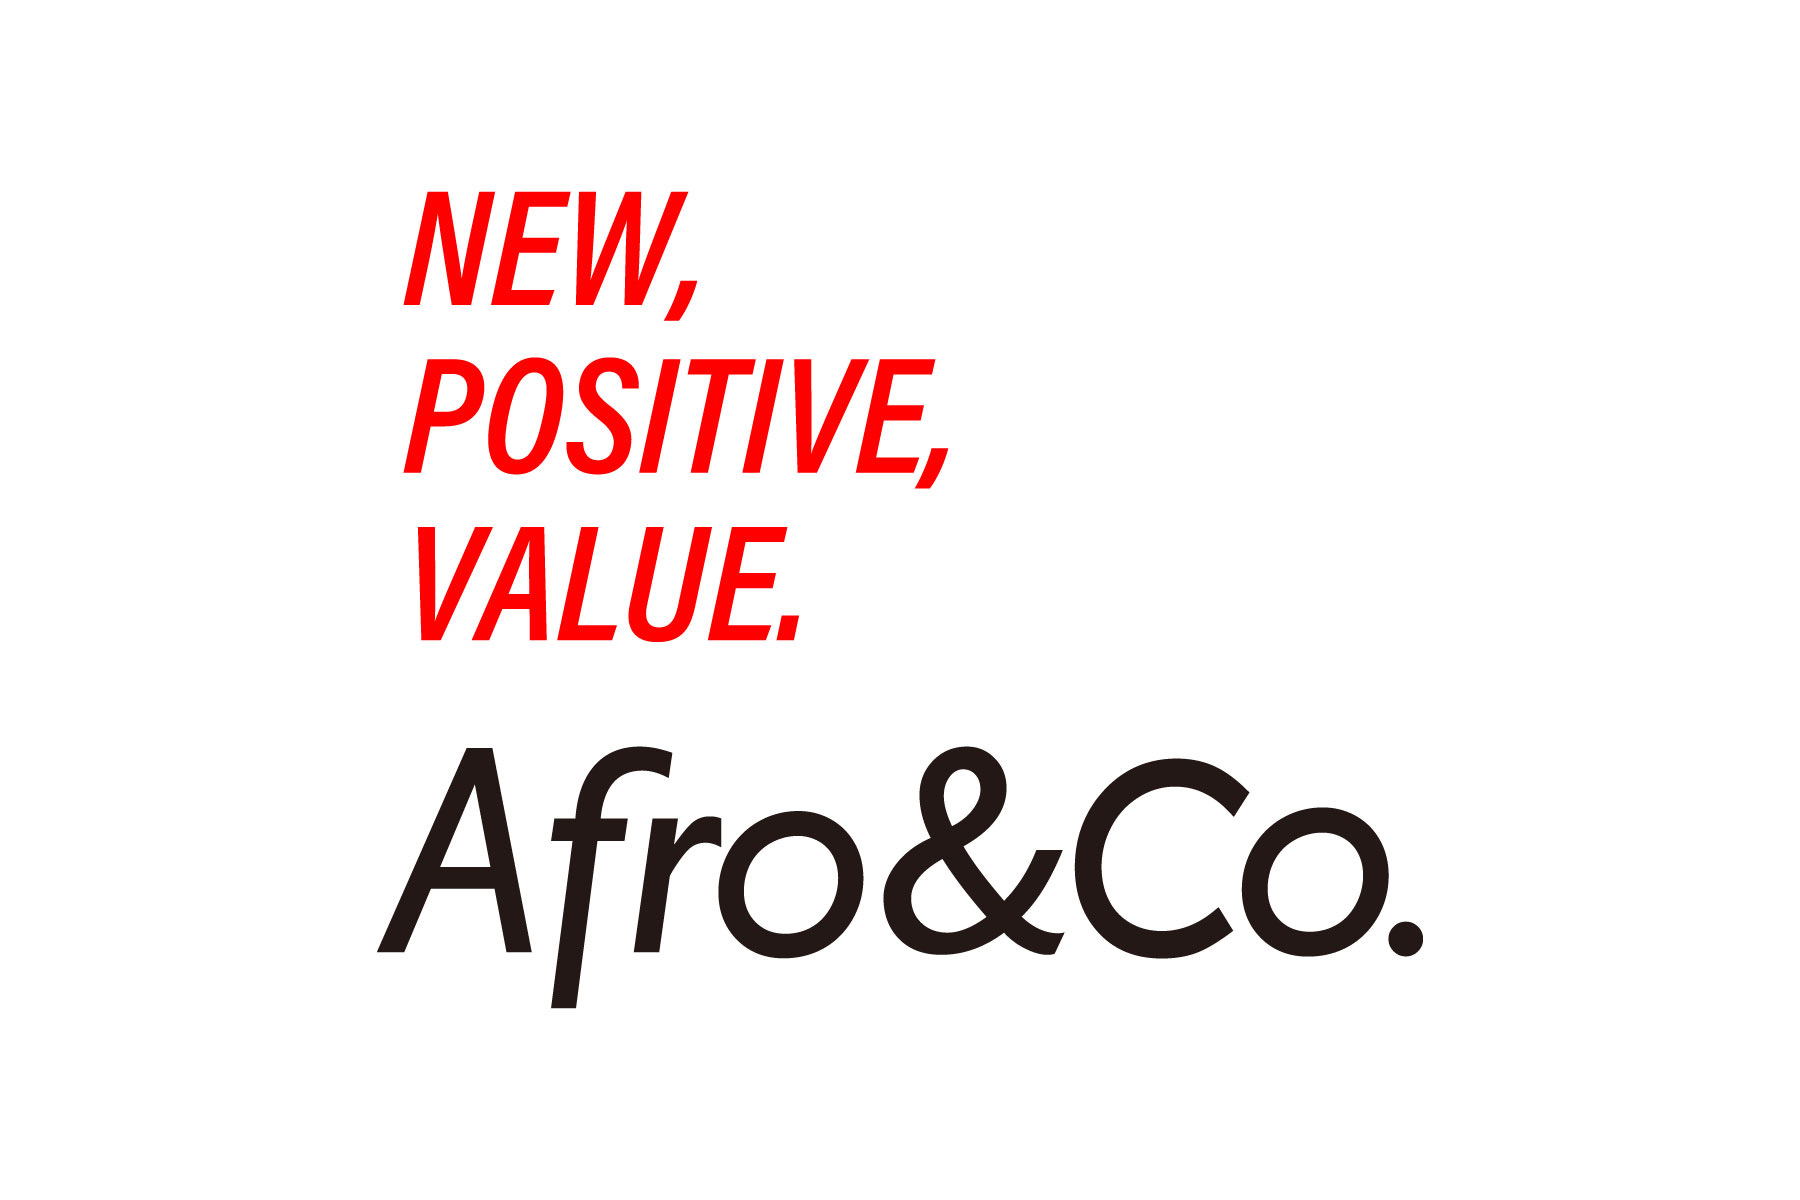 これからのAfro&Co.について